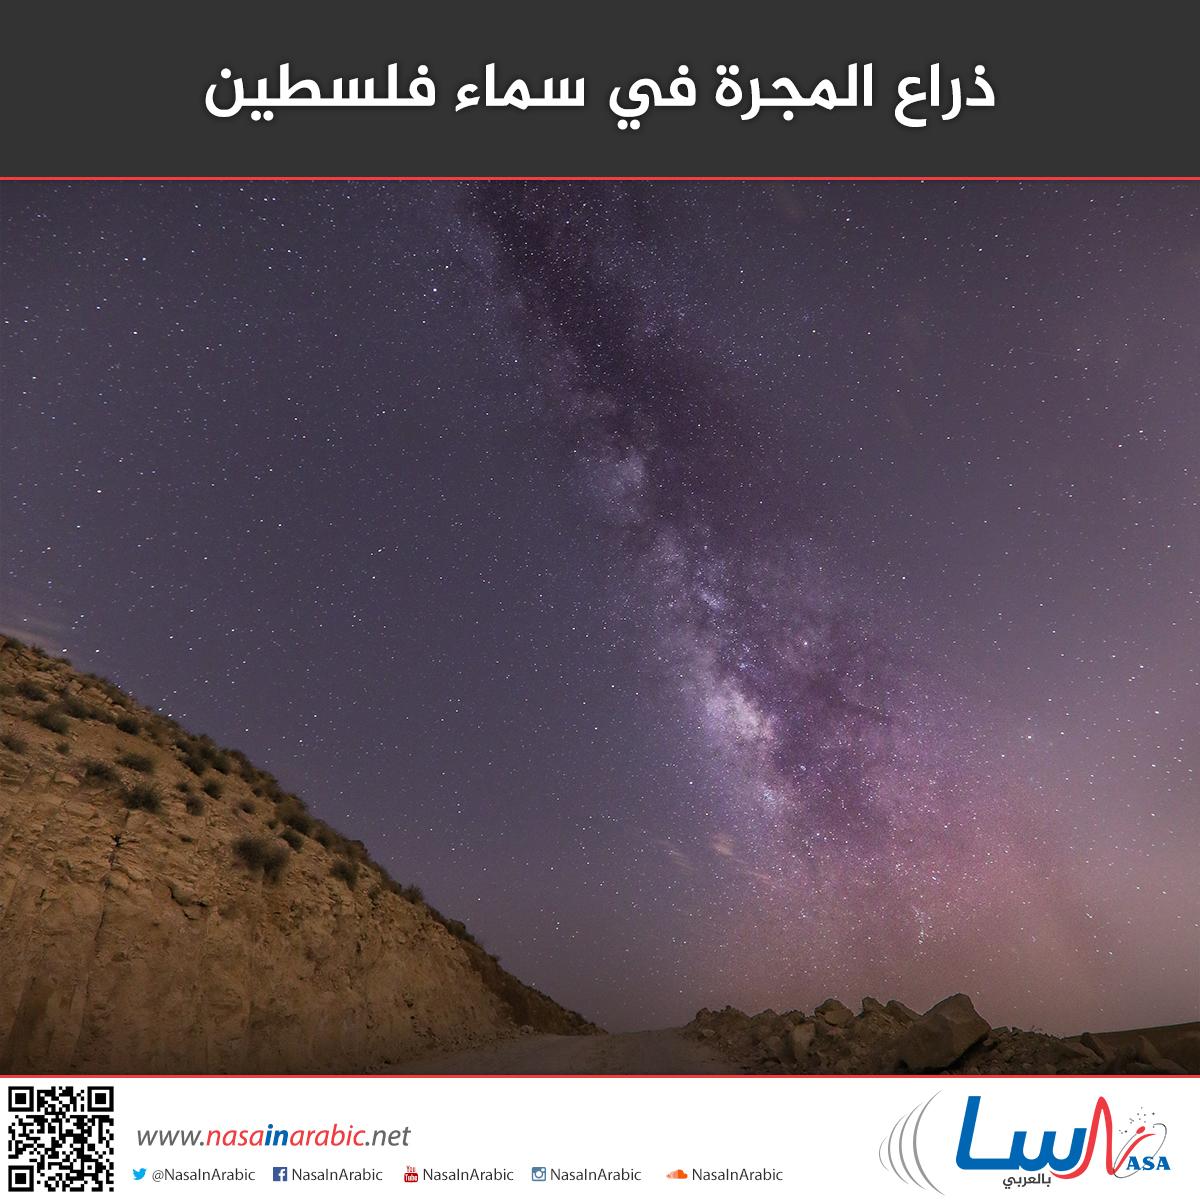 ذراع المجرة في سماء فلسطين